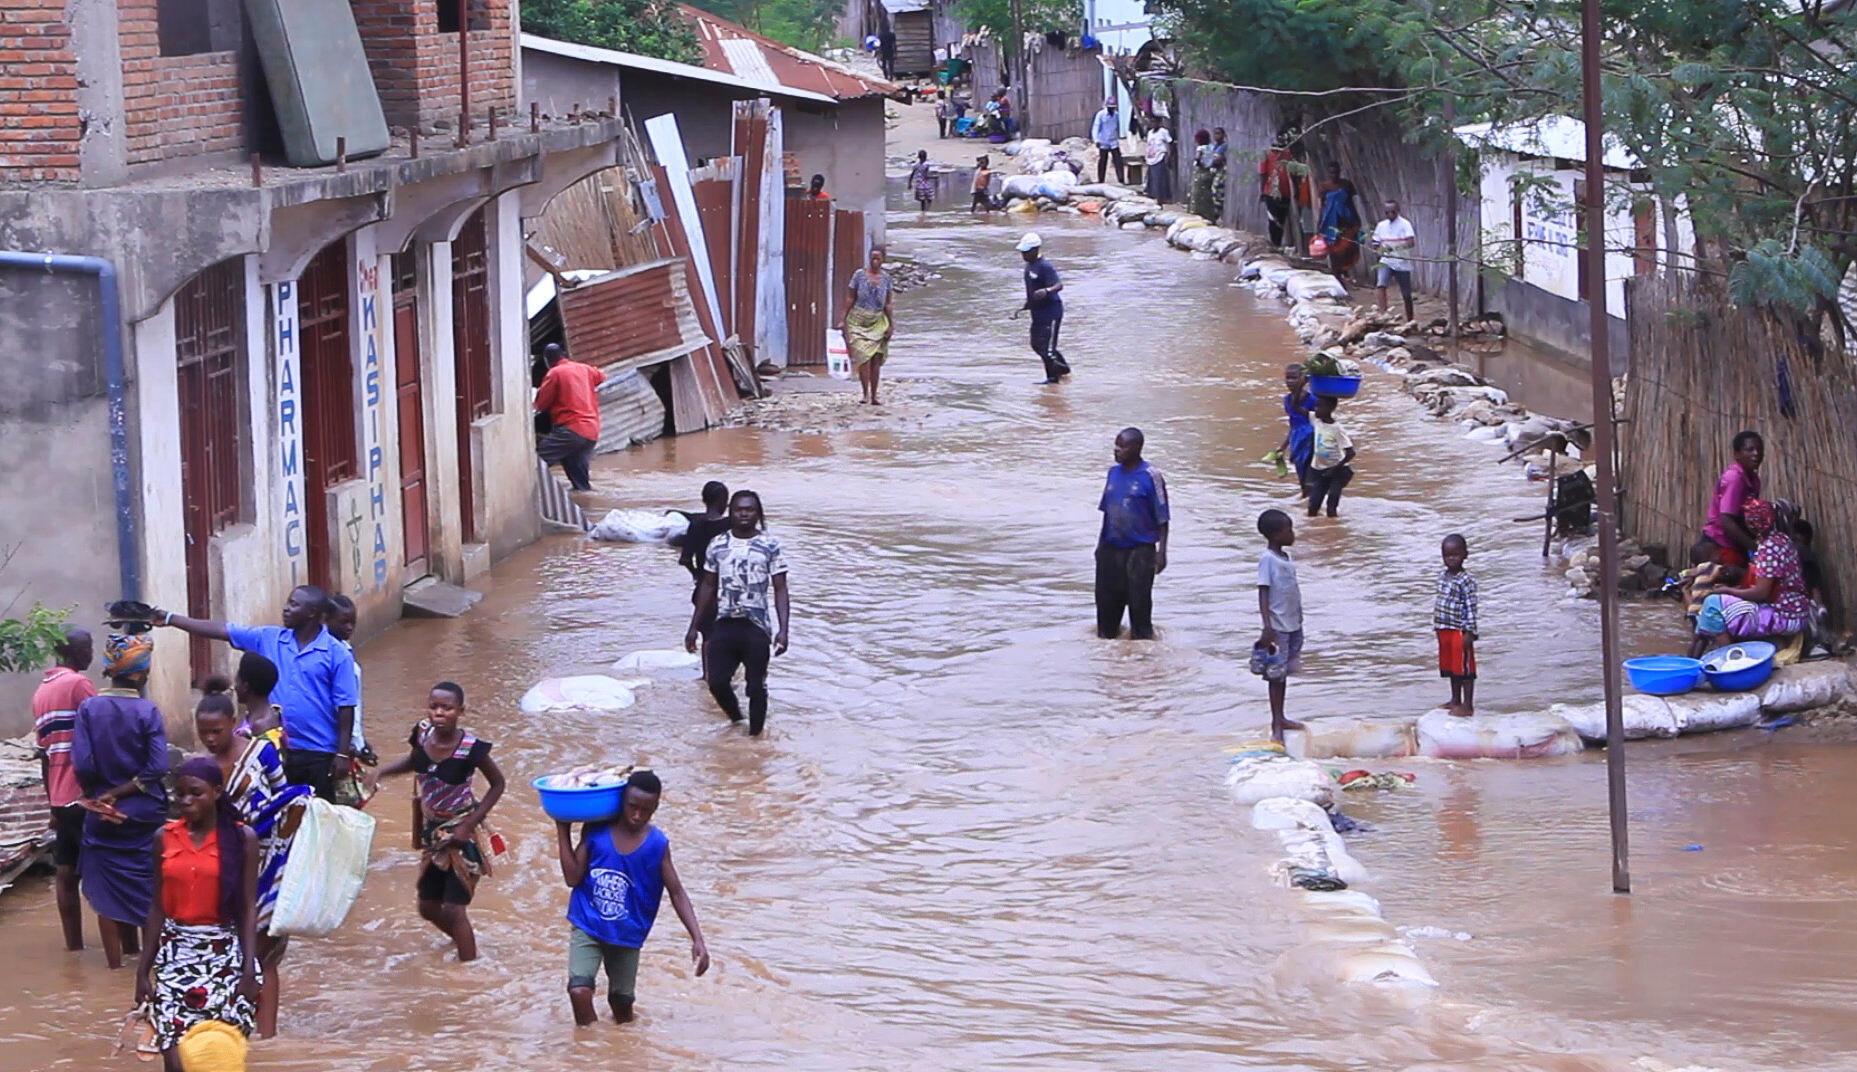 Mafuriko katika mji wa Uvira, yalisababisha mamia ya wakazi kuhama makazi yao, Aprili, 2020.